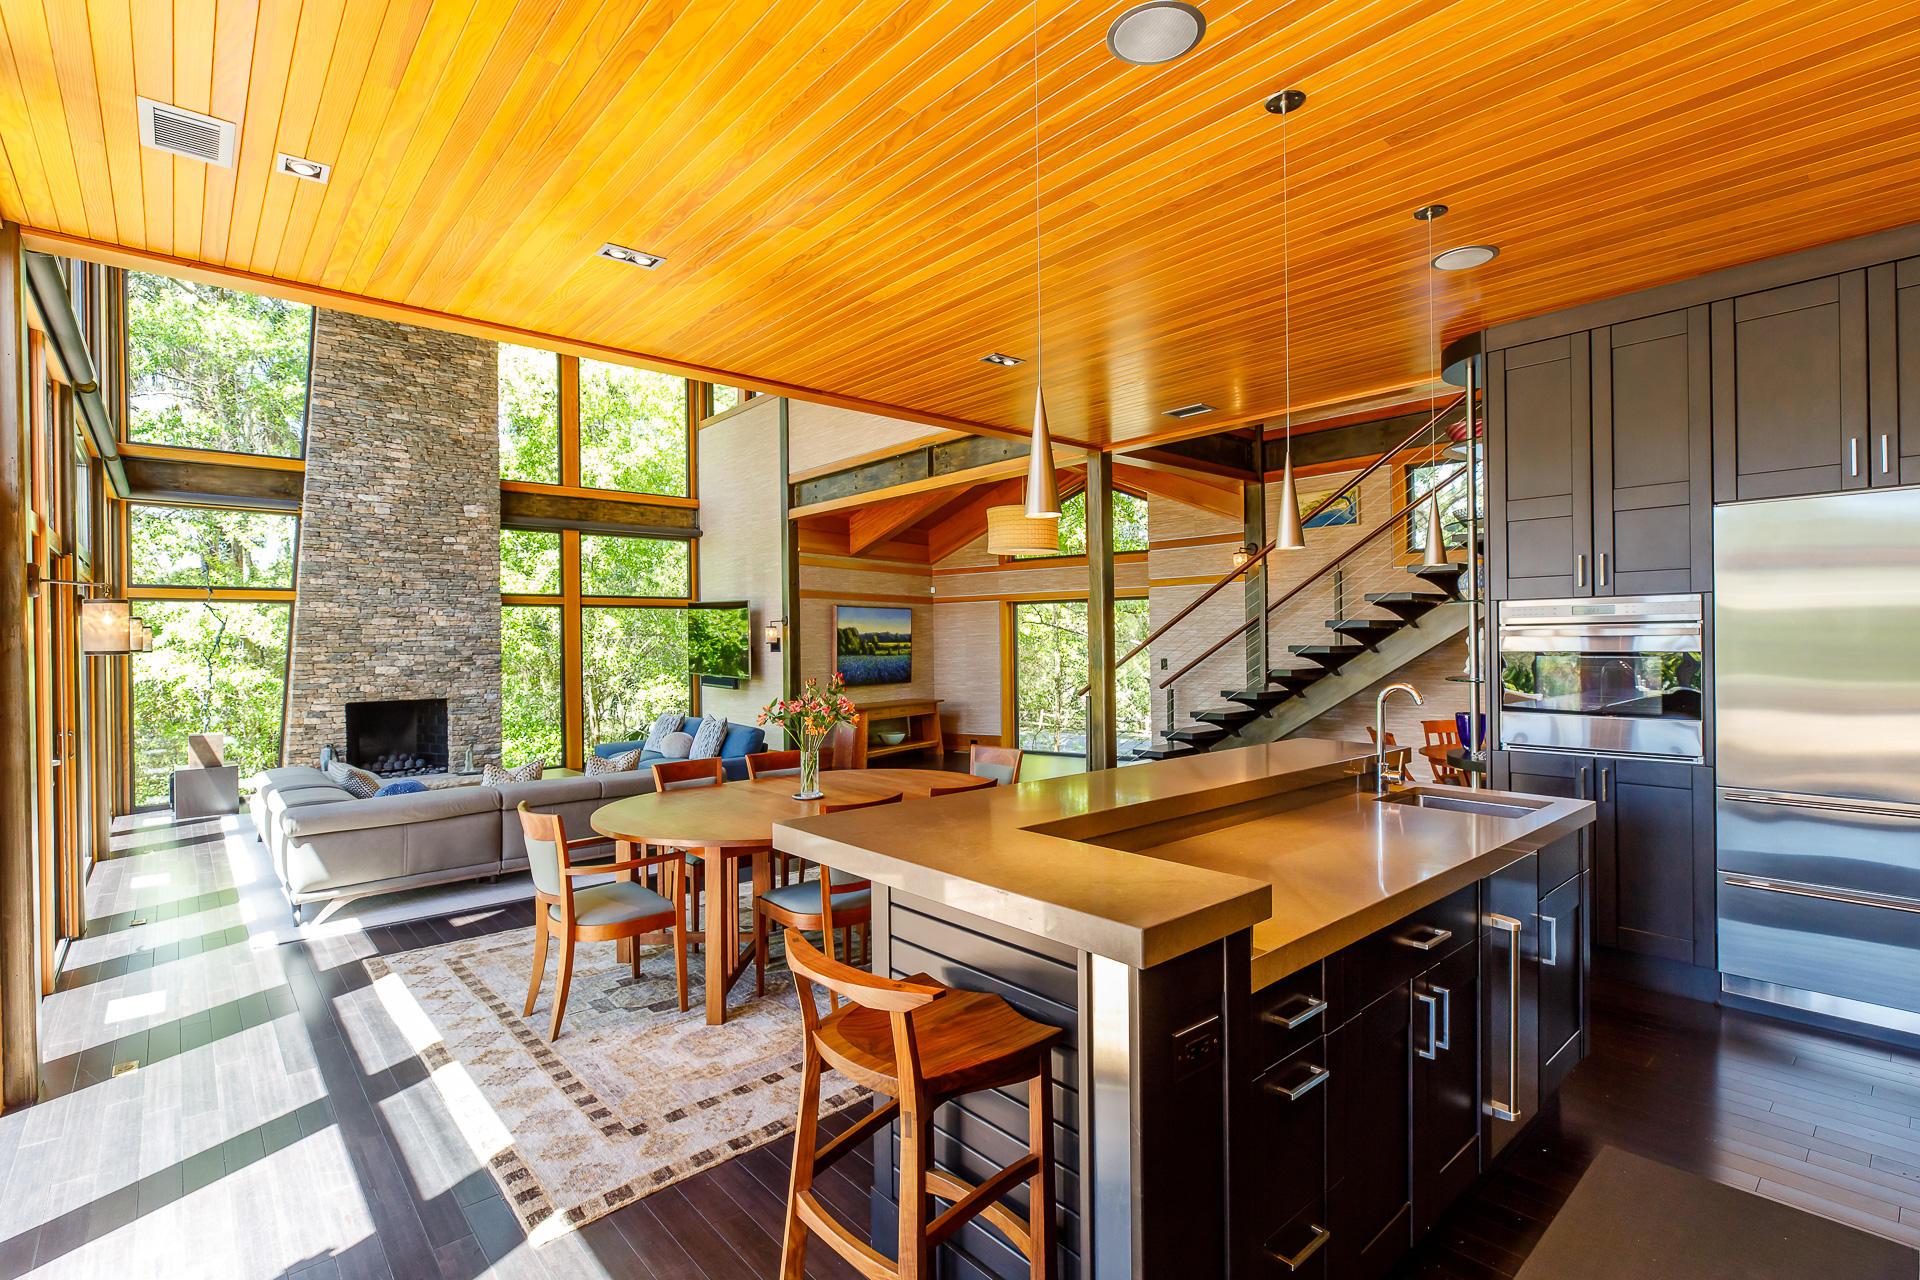 Kiawah Island Homes For Sale - 102 Blue Heron Pond, Kiawah Island, SC - 52